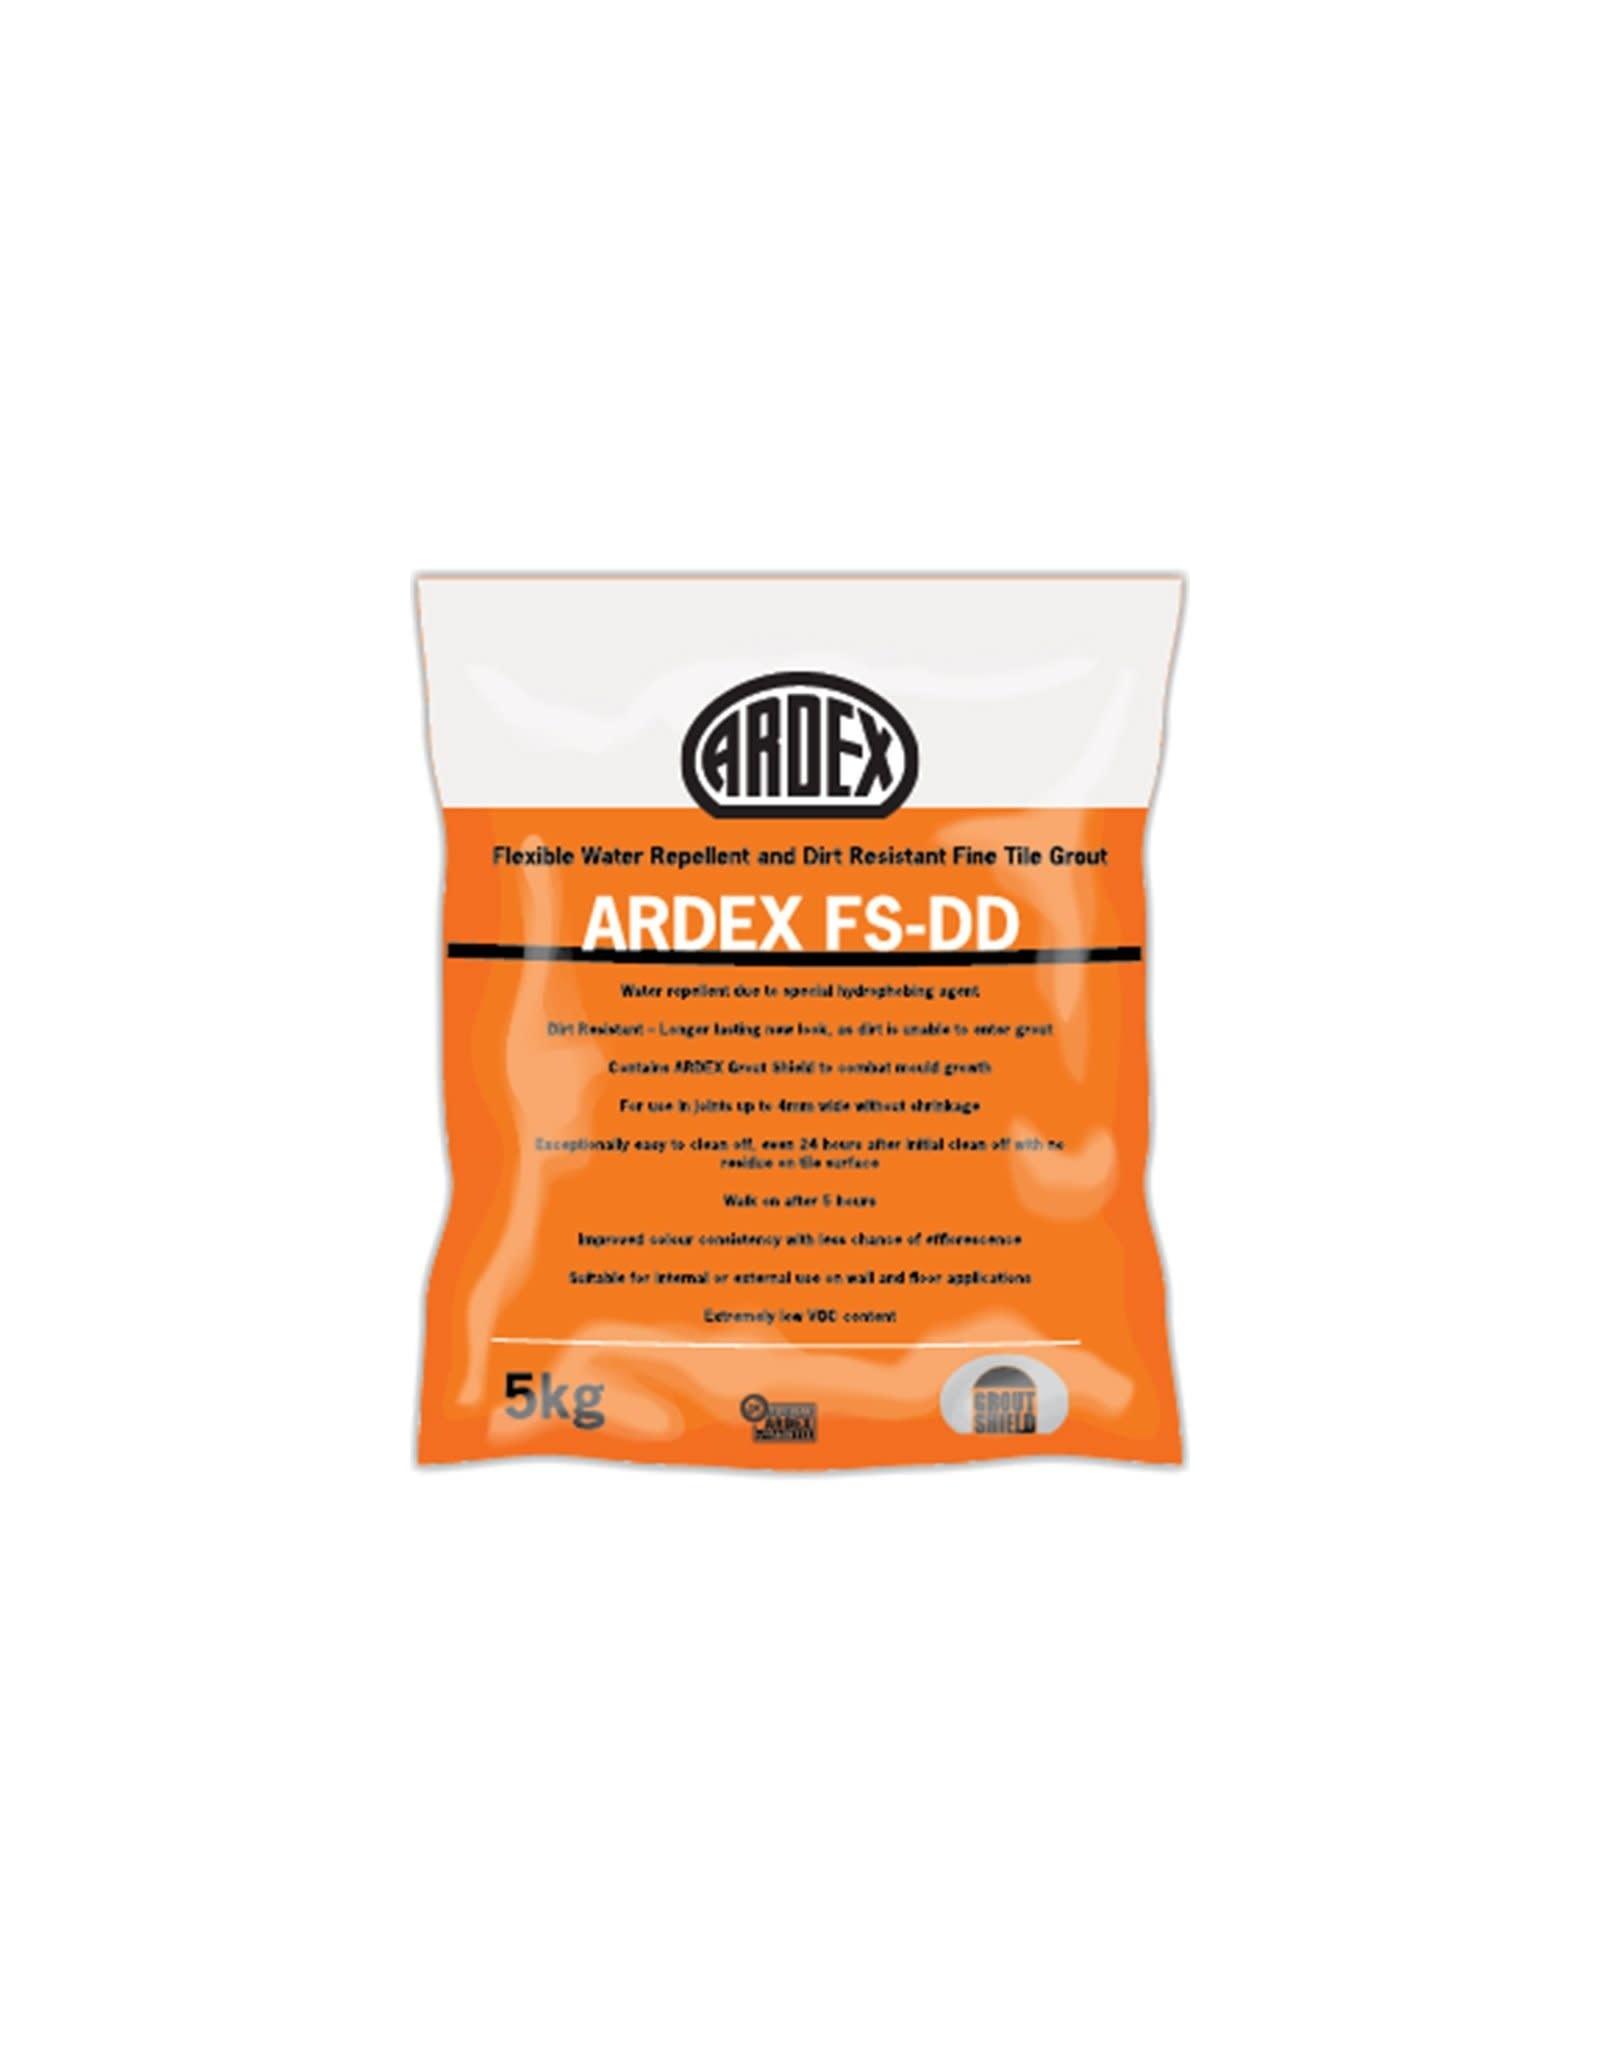 Ardex ARDEX FS-DD Charred Ash 387 5kg